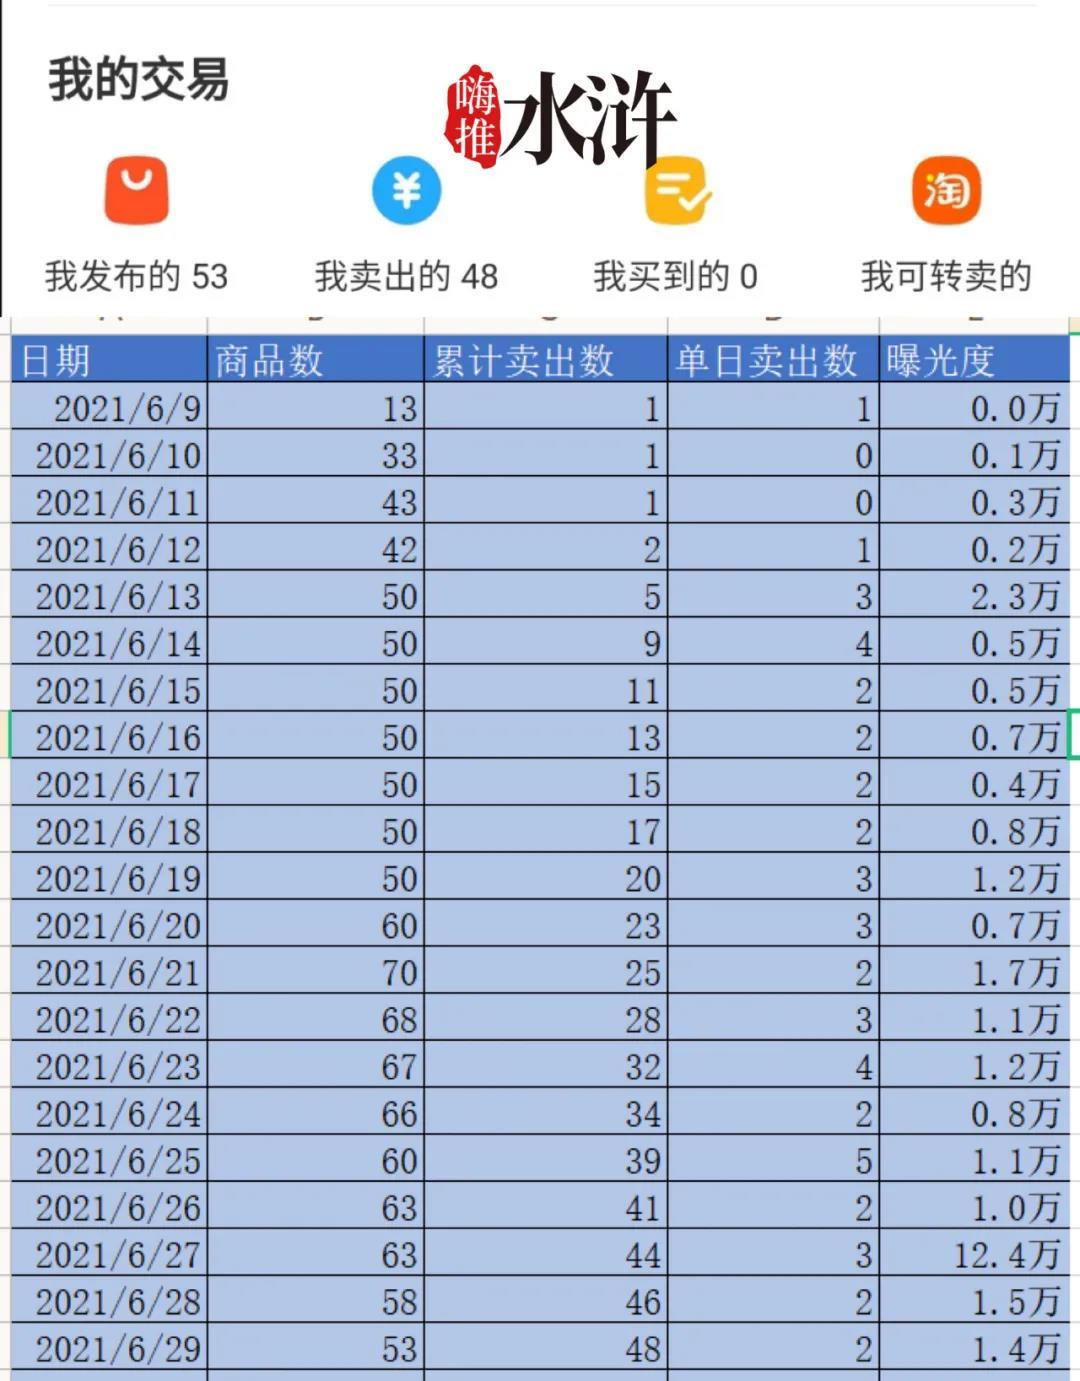 水浒团队:新人实操闲鱼的起步数据分享!已稳定出单!